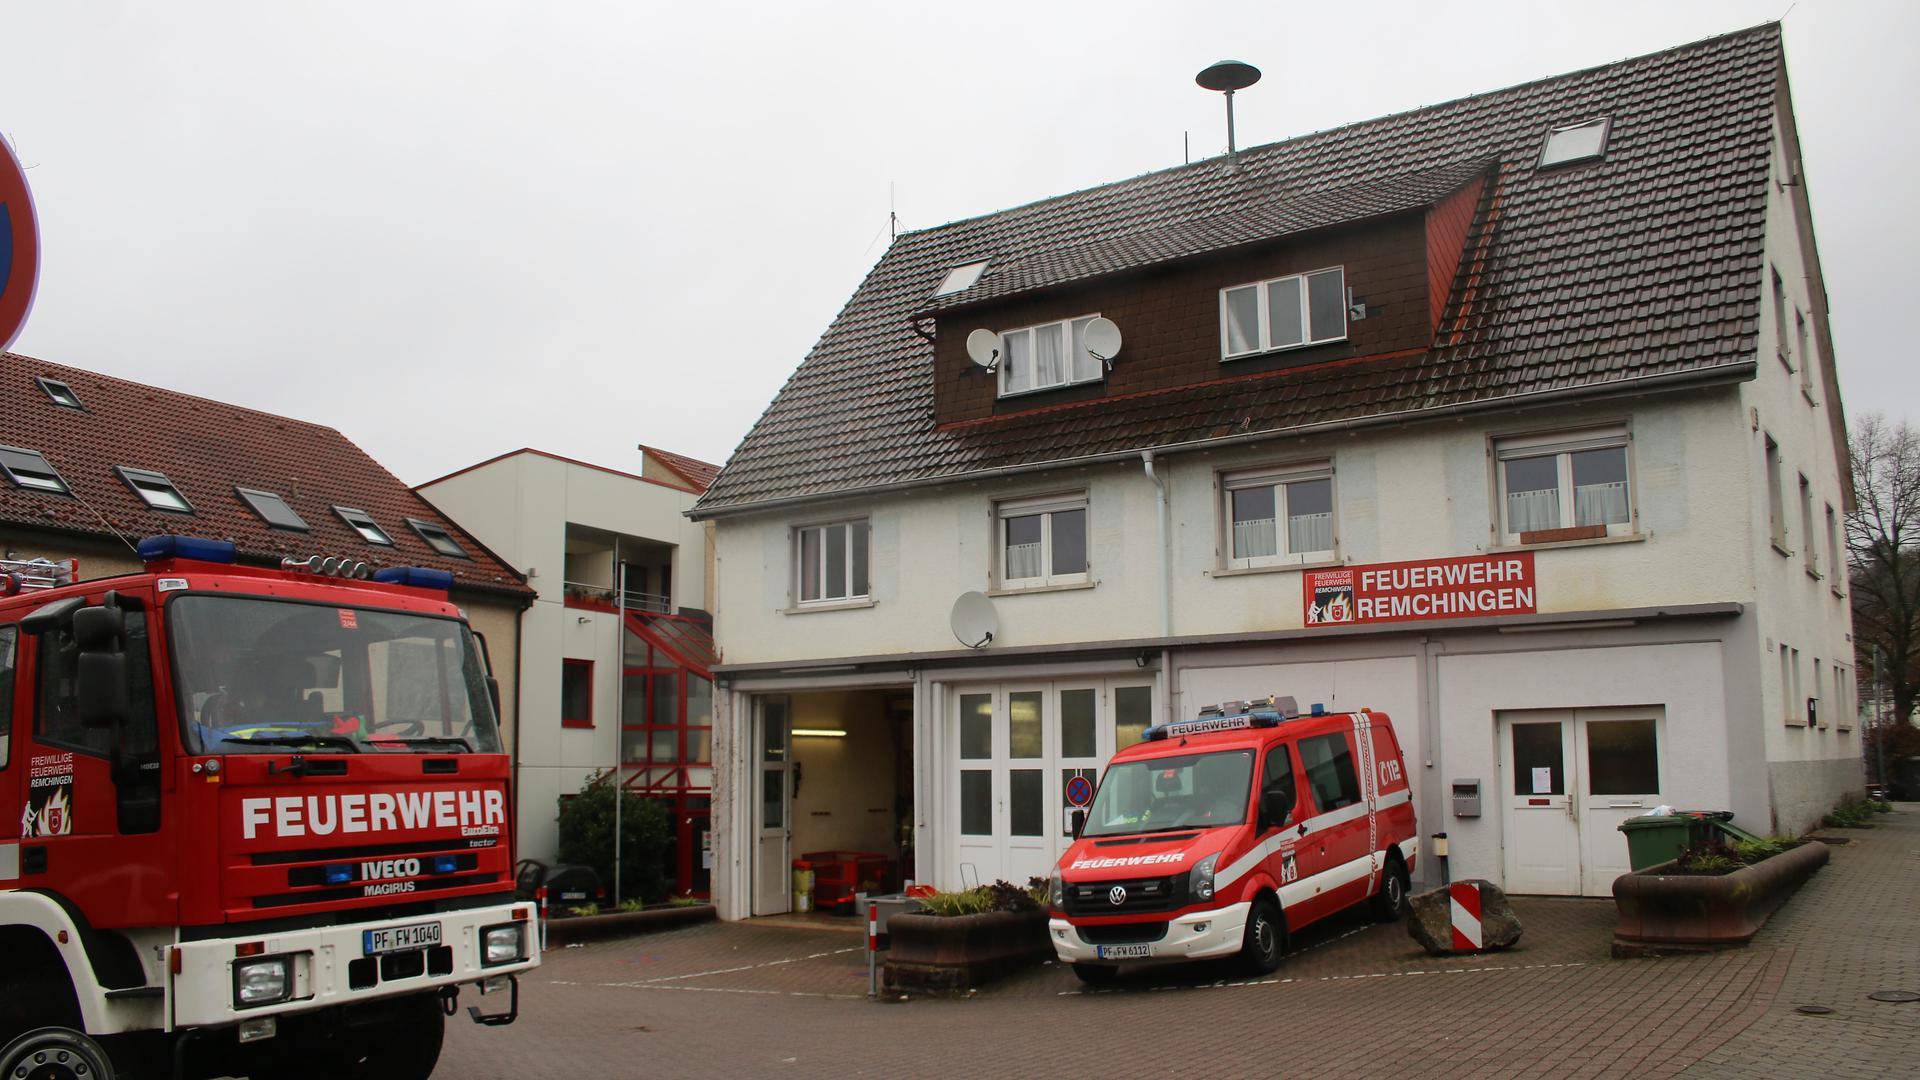 Nicht mehr zukunftsfähig ist das in die Jahre gekommene und beengte Nöttinger Feuerwehrhaus. Nach jahrelangen Neubau-Plänen gibt es jetzt Überlegungen einer zweiten Zusammenlegung der Remchinger Feuerwehr.